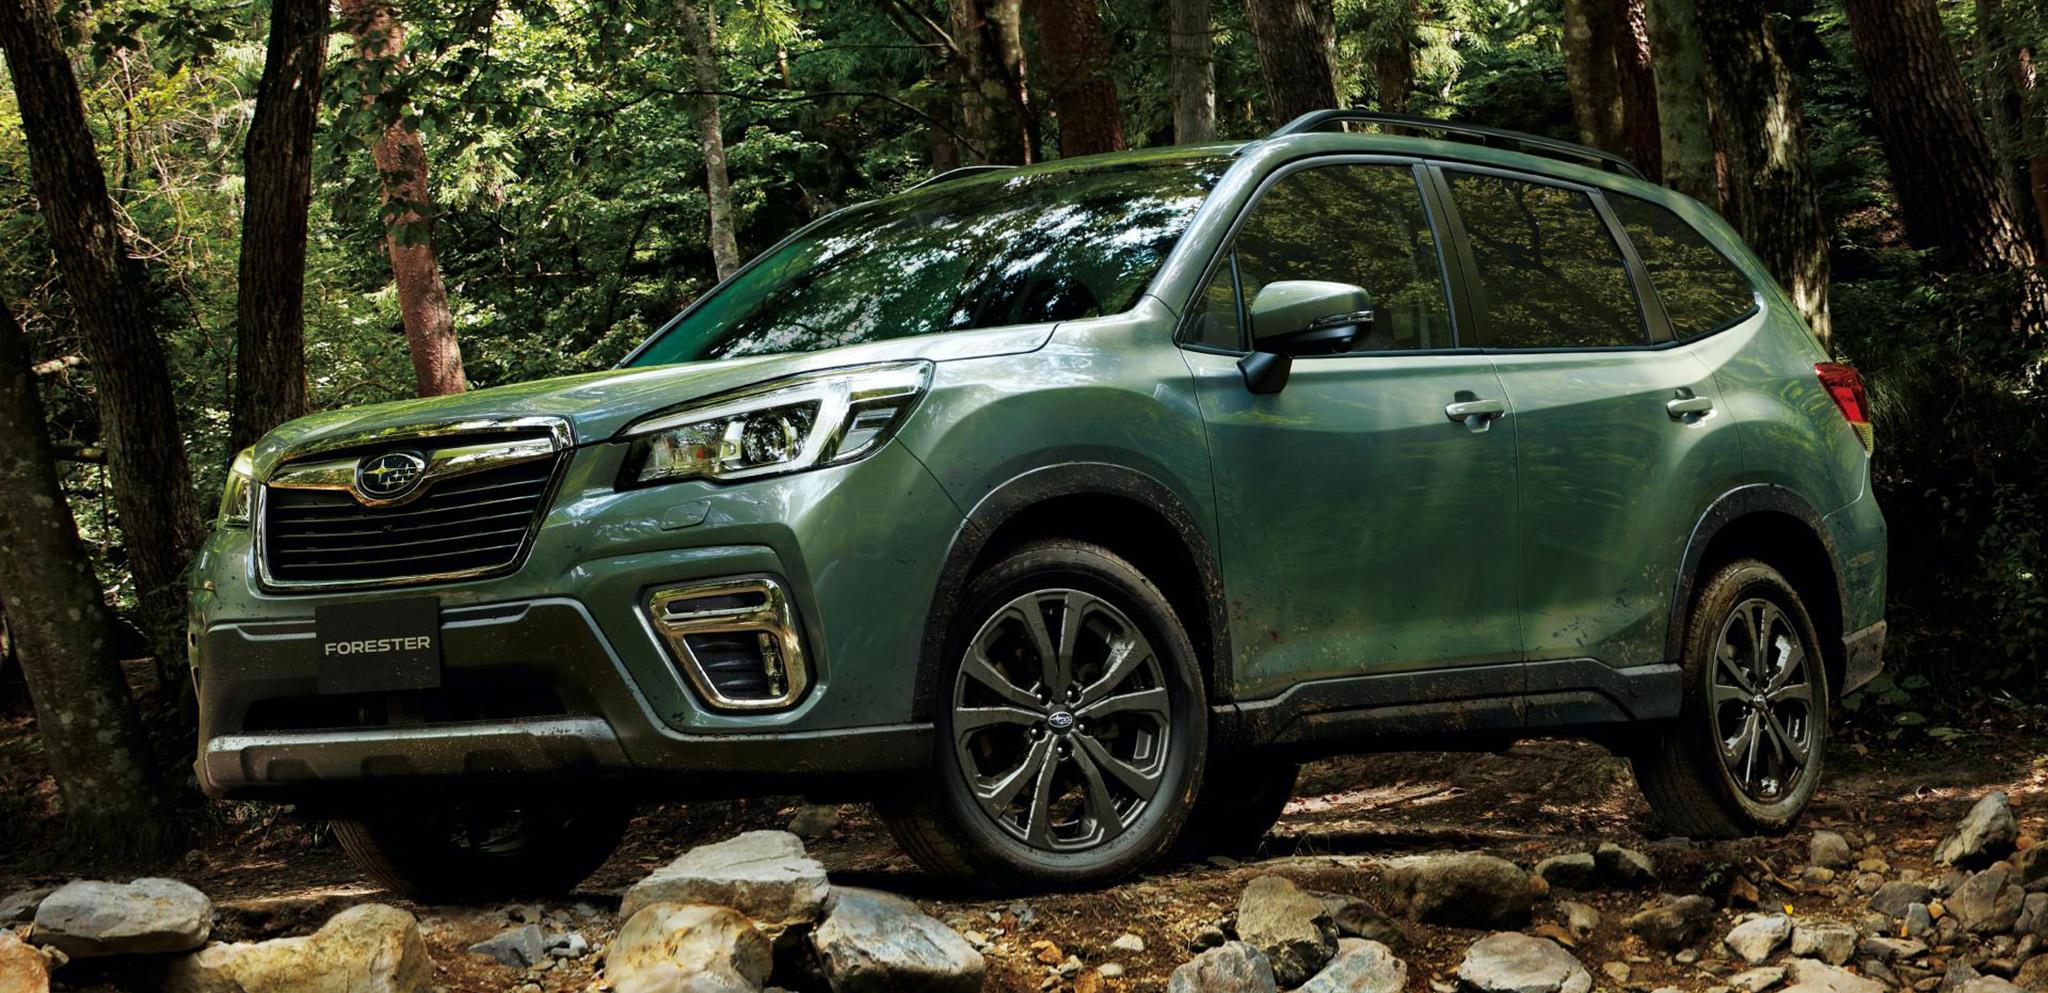 Subaru Forester phiên bản X-Edition ra mắt với nội thất chống nước